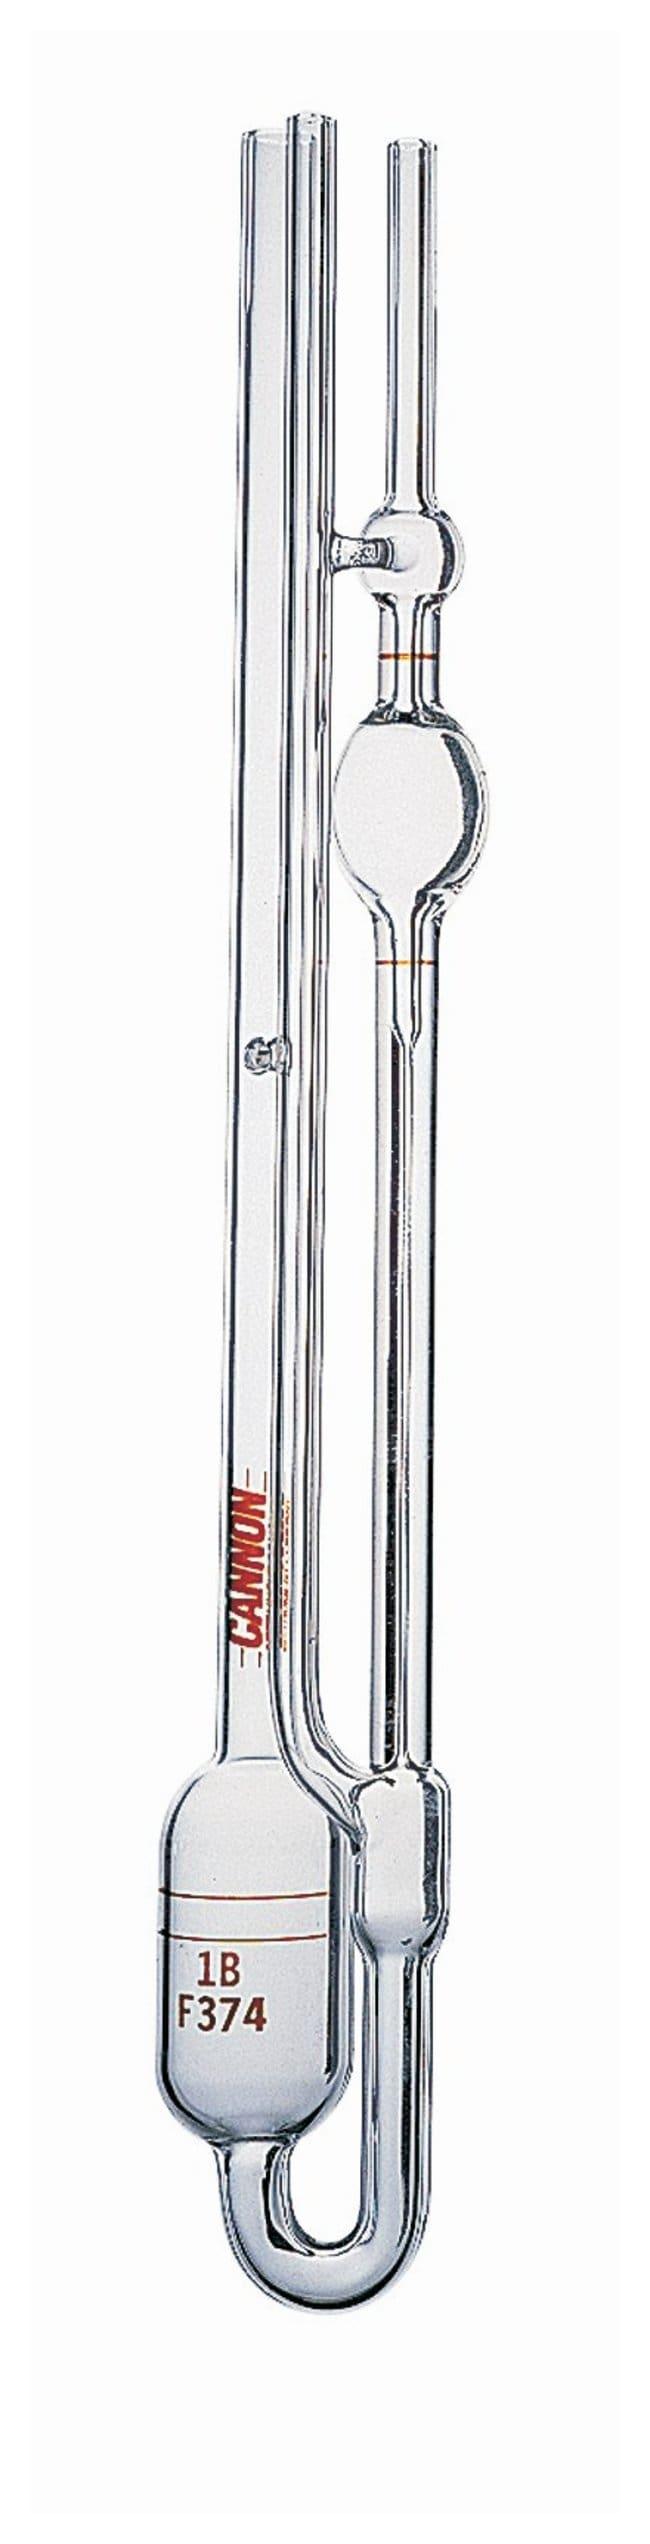 Cannon Fenske Opaque Viscometer 20cSt/sec.; Size: 600:Spectrophotometers,